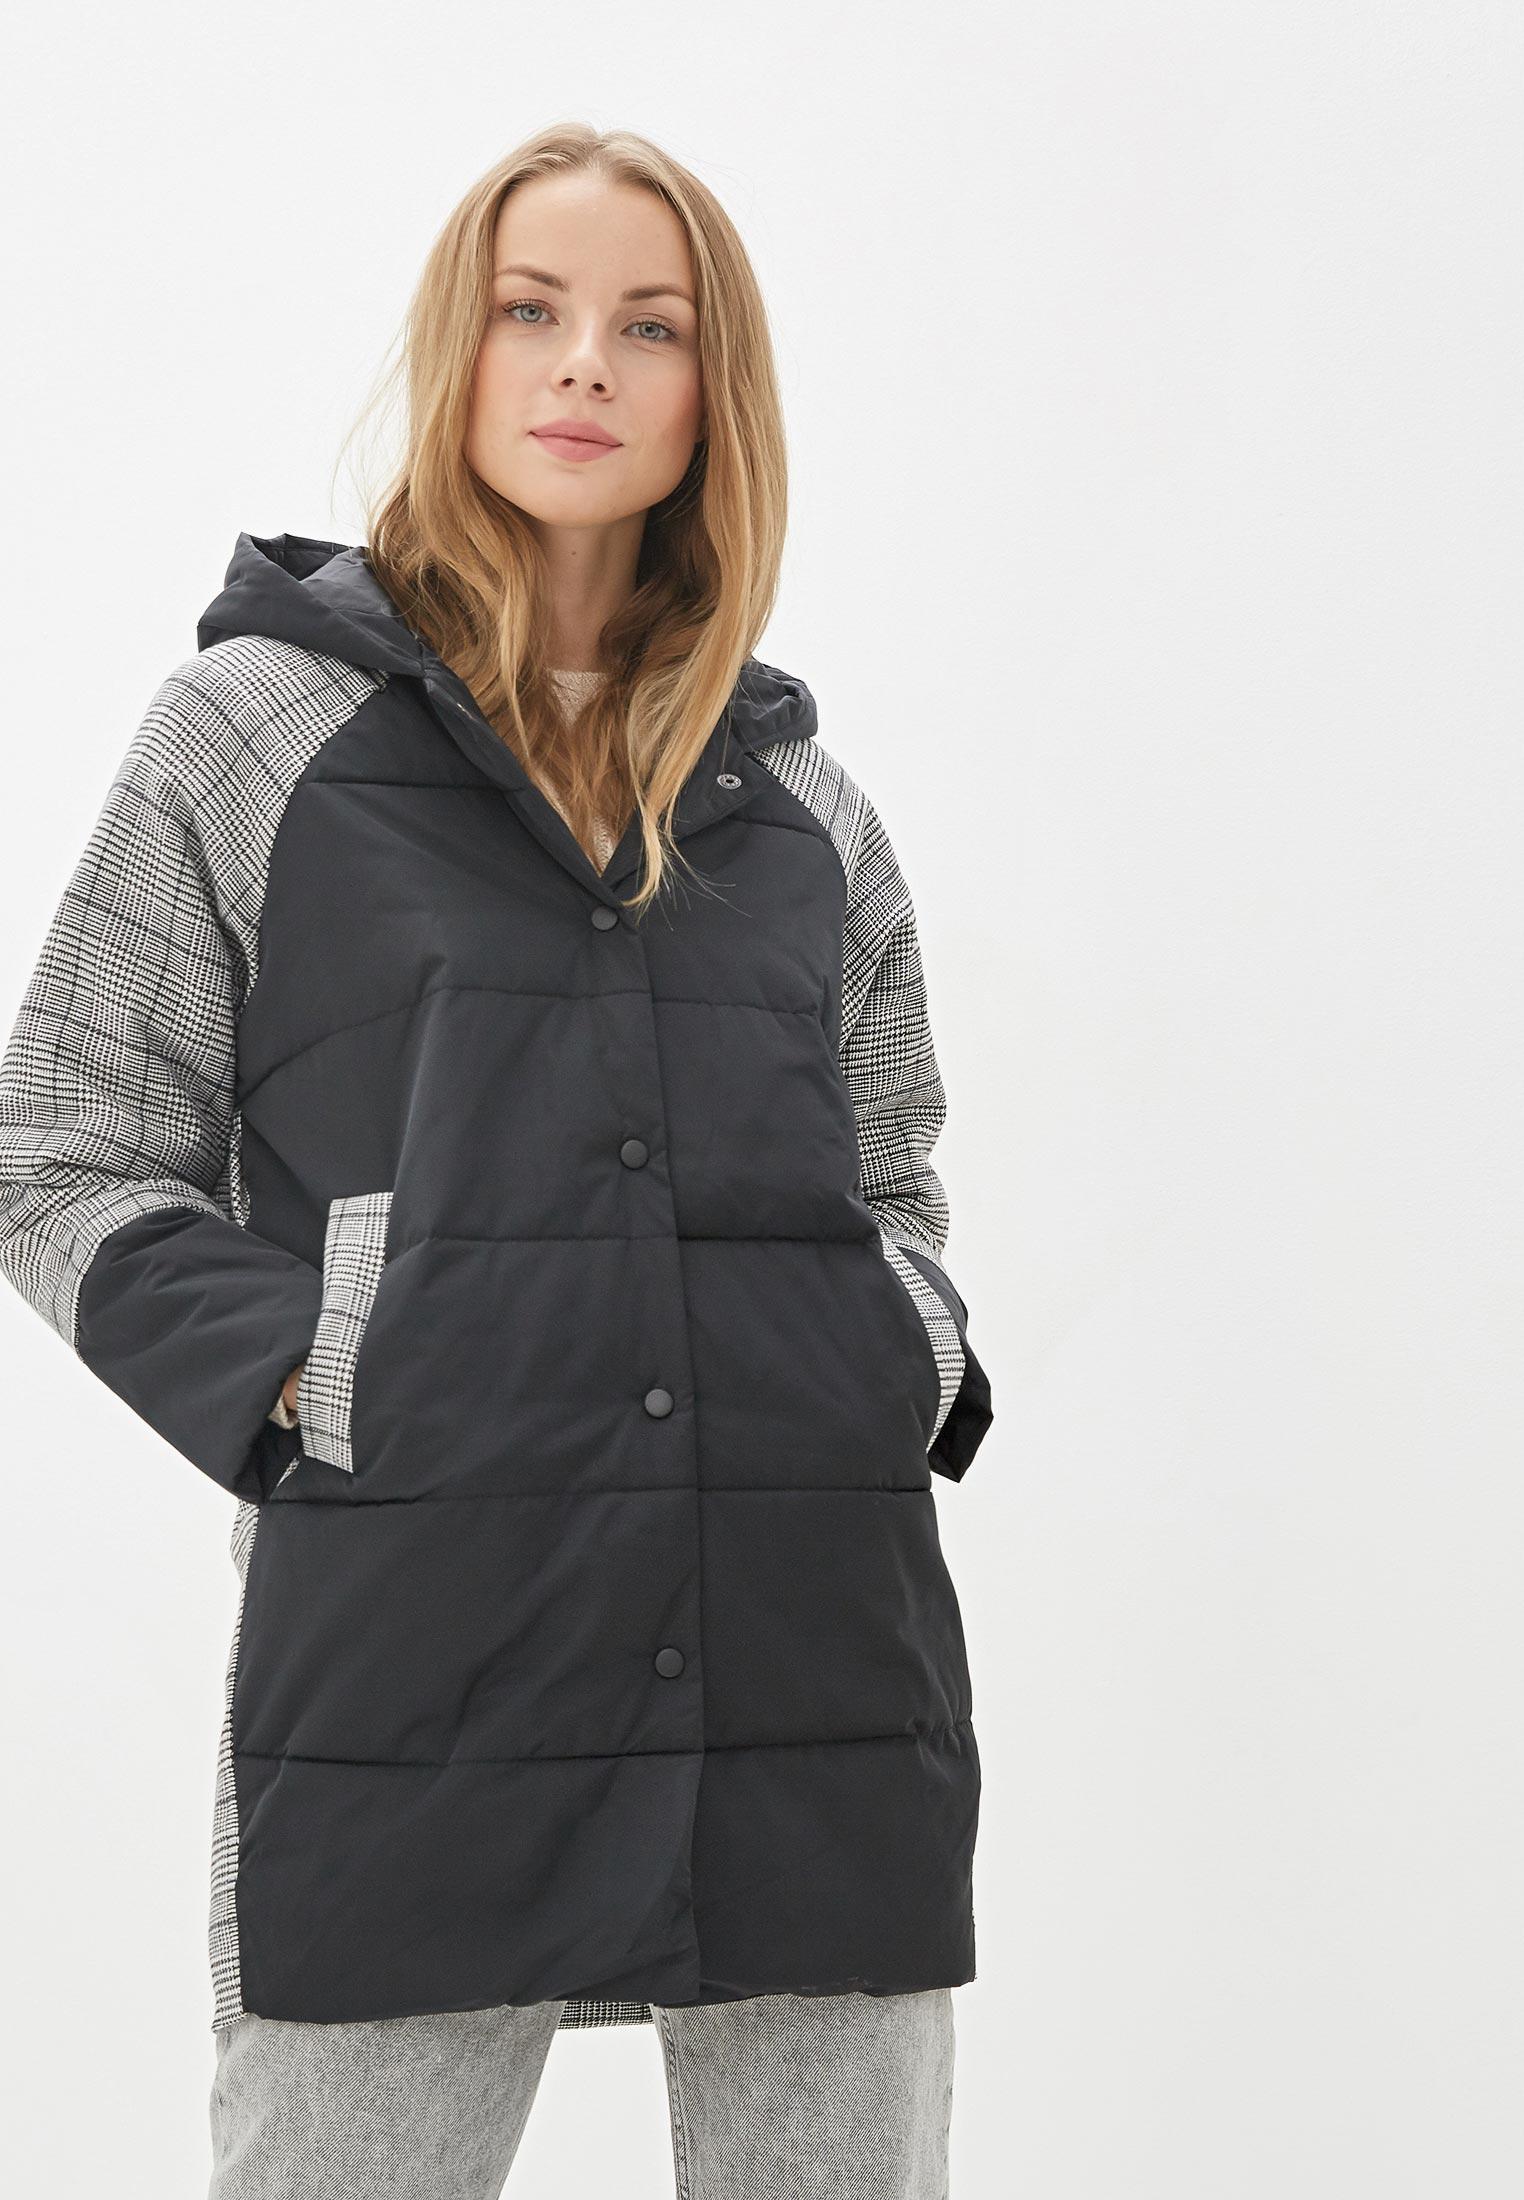 Куртка утепленная, Keddo, цвет: серый, черный. Артикул: MP002XW11Y0U. Одежда / Верхняя одежда